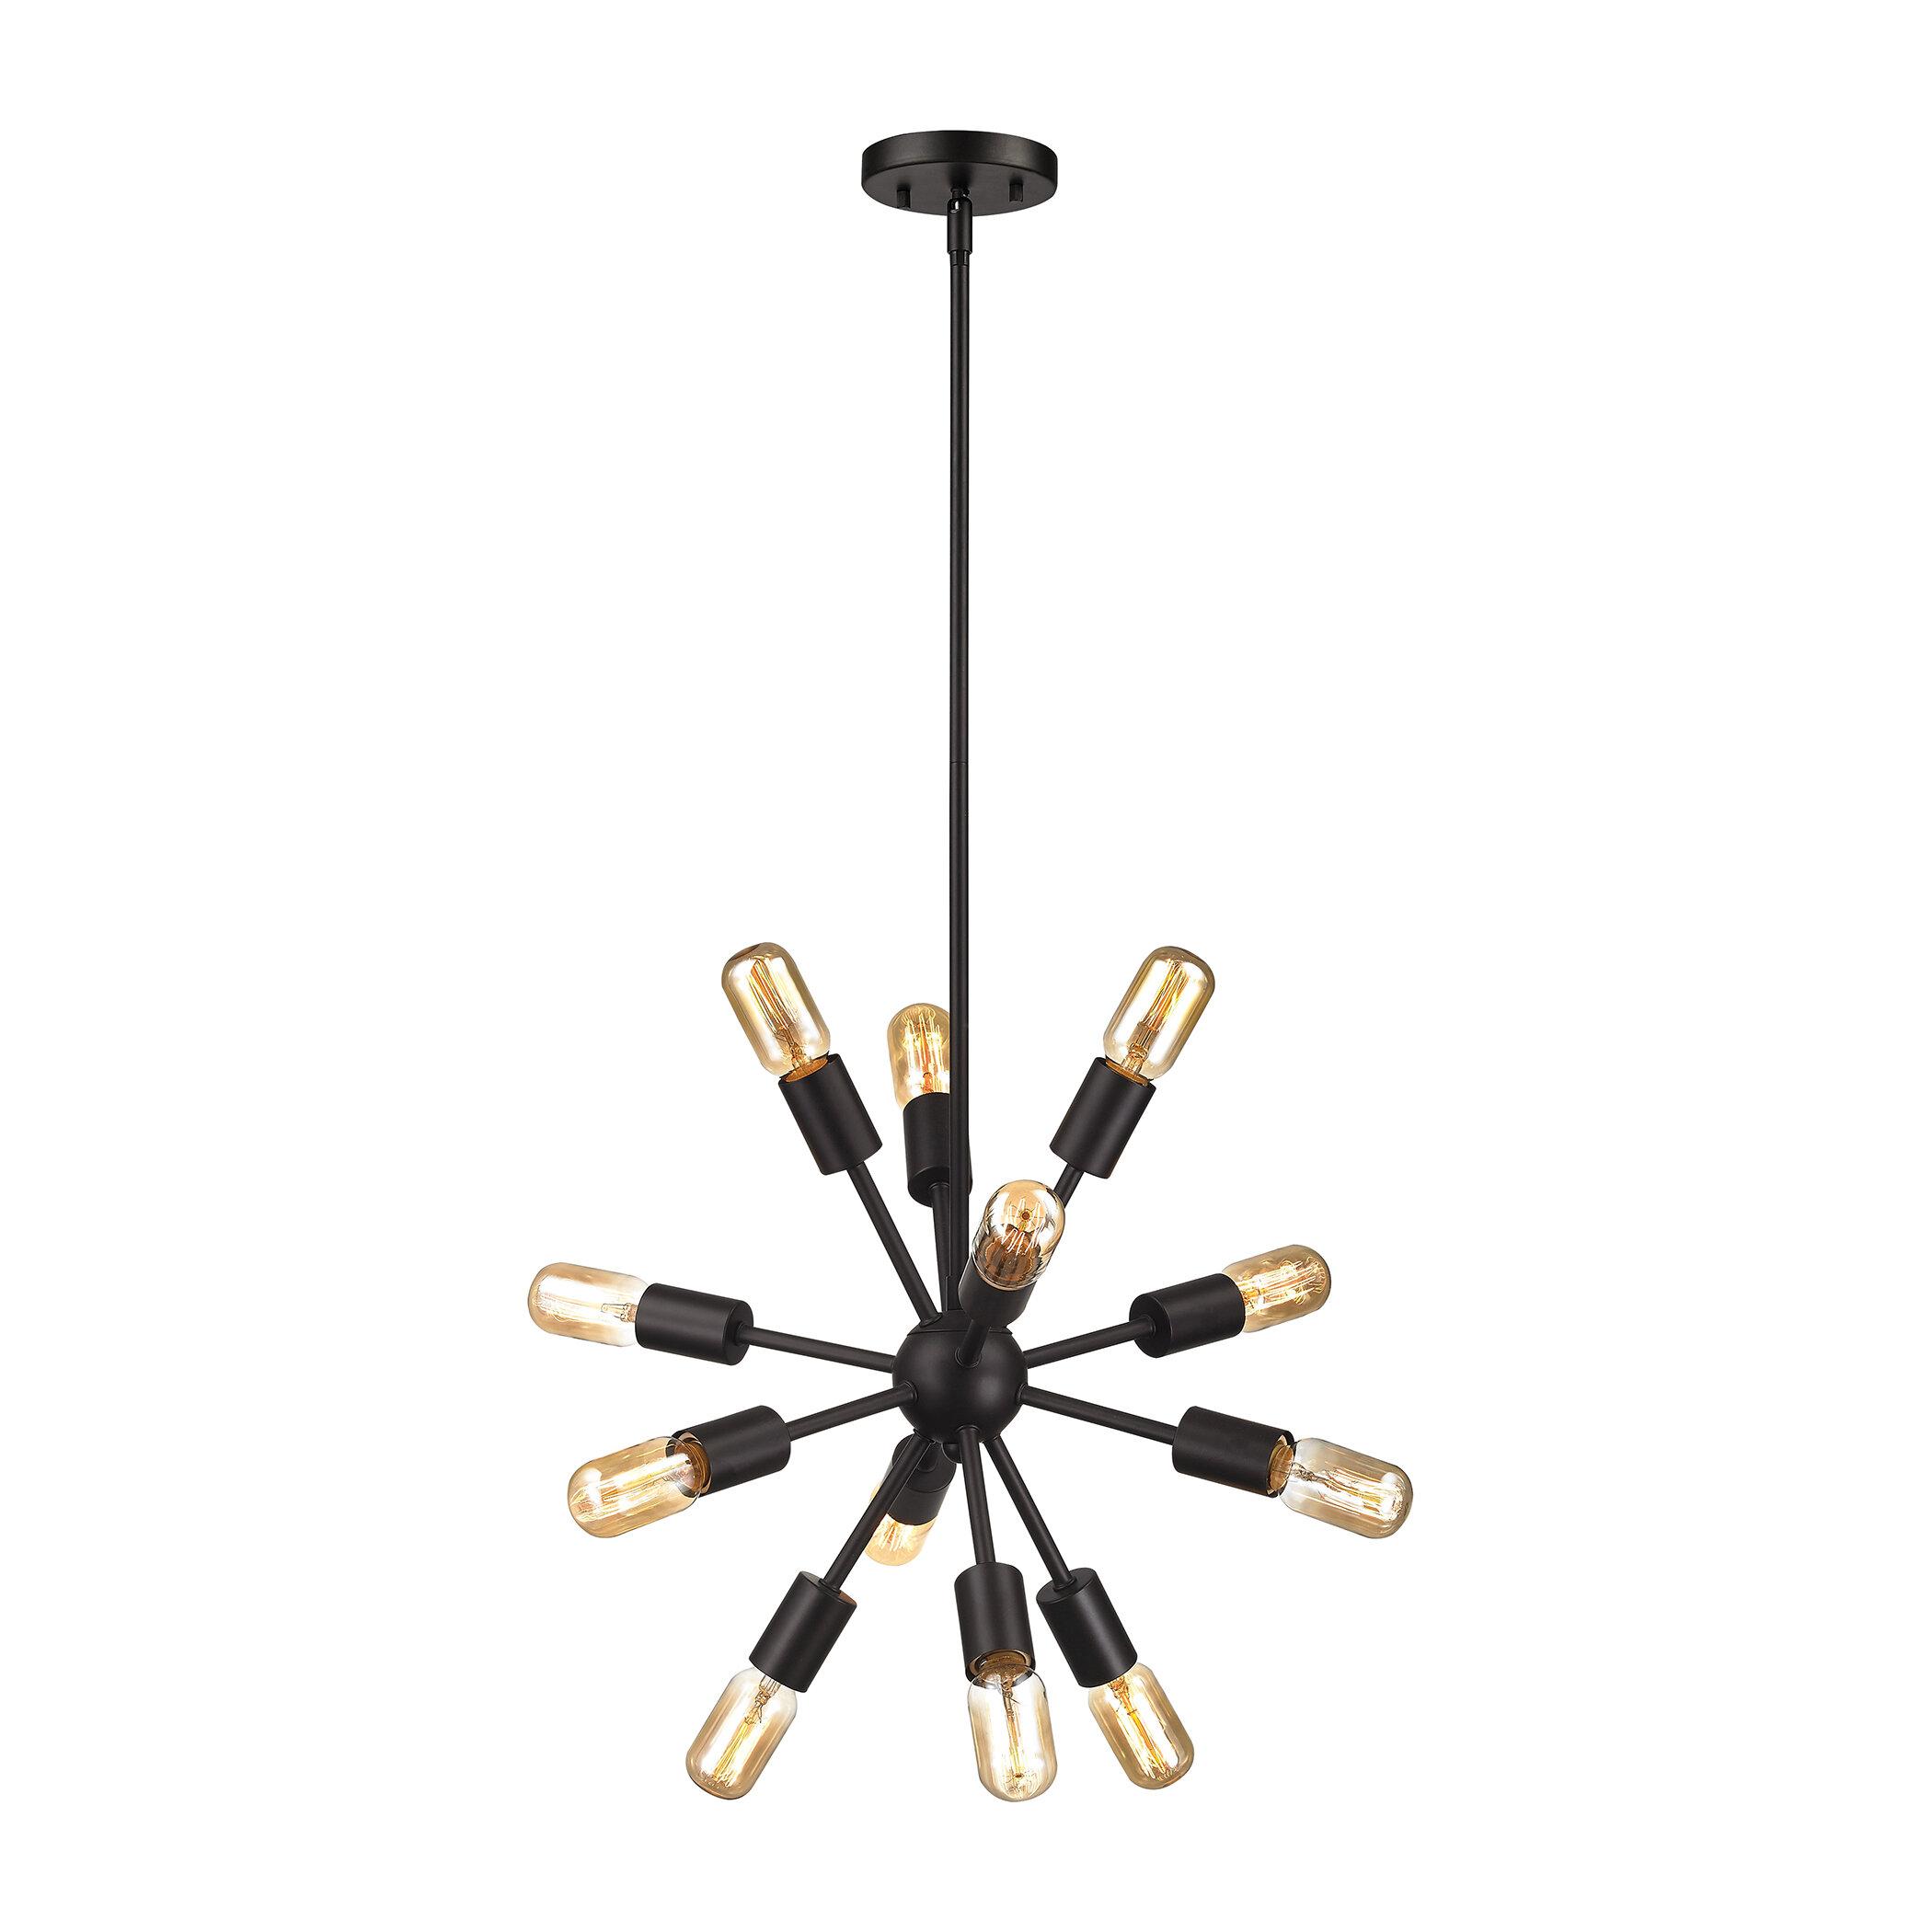 Langley street kendall 12 light sputnik chandelier reviews wayfair aloadofball Gallery